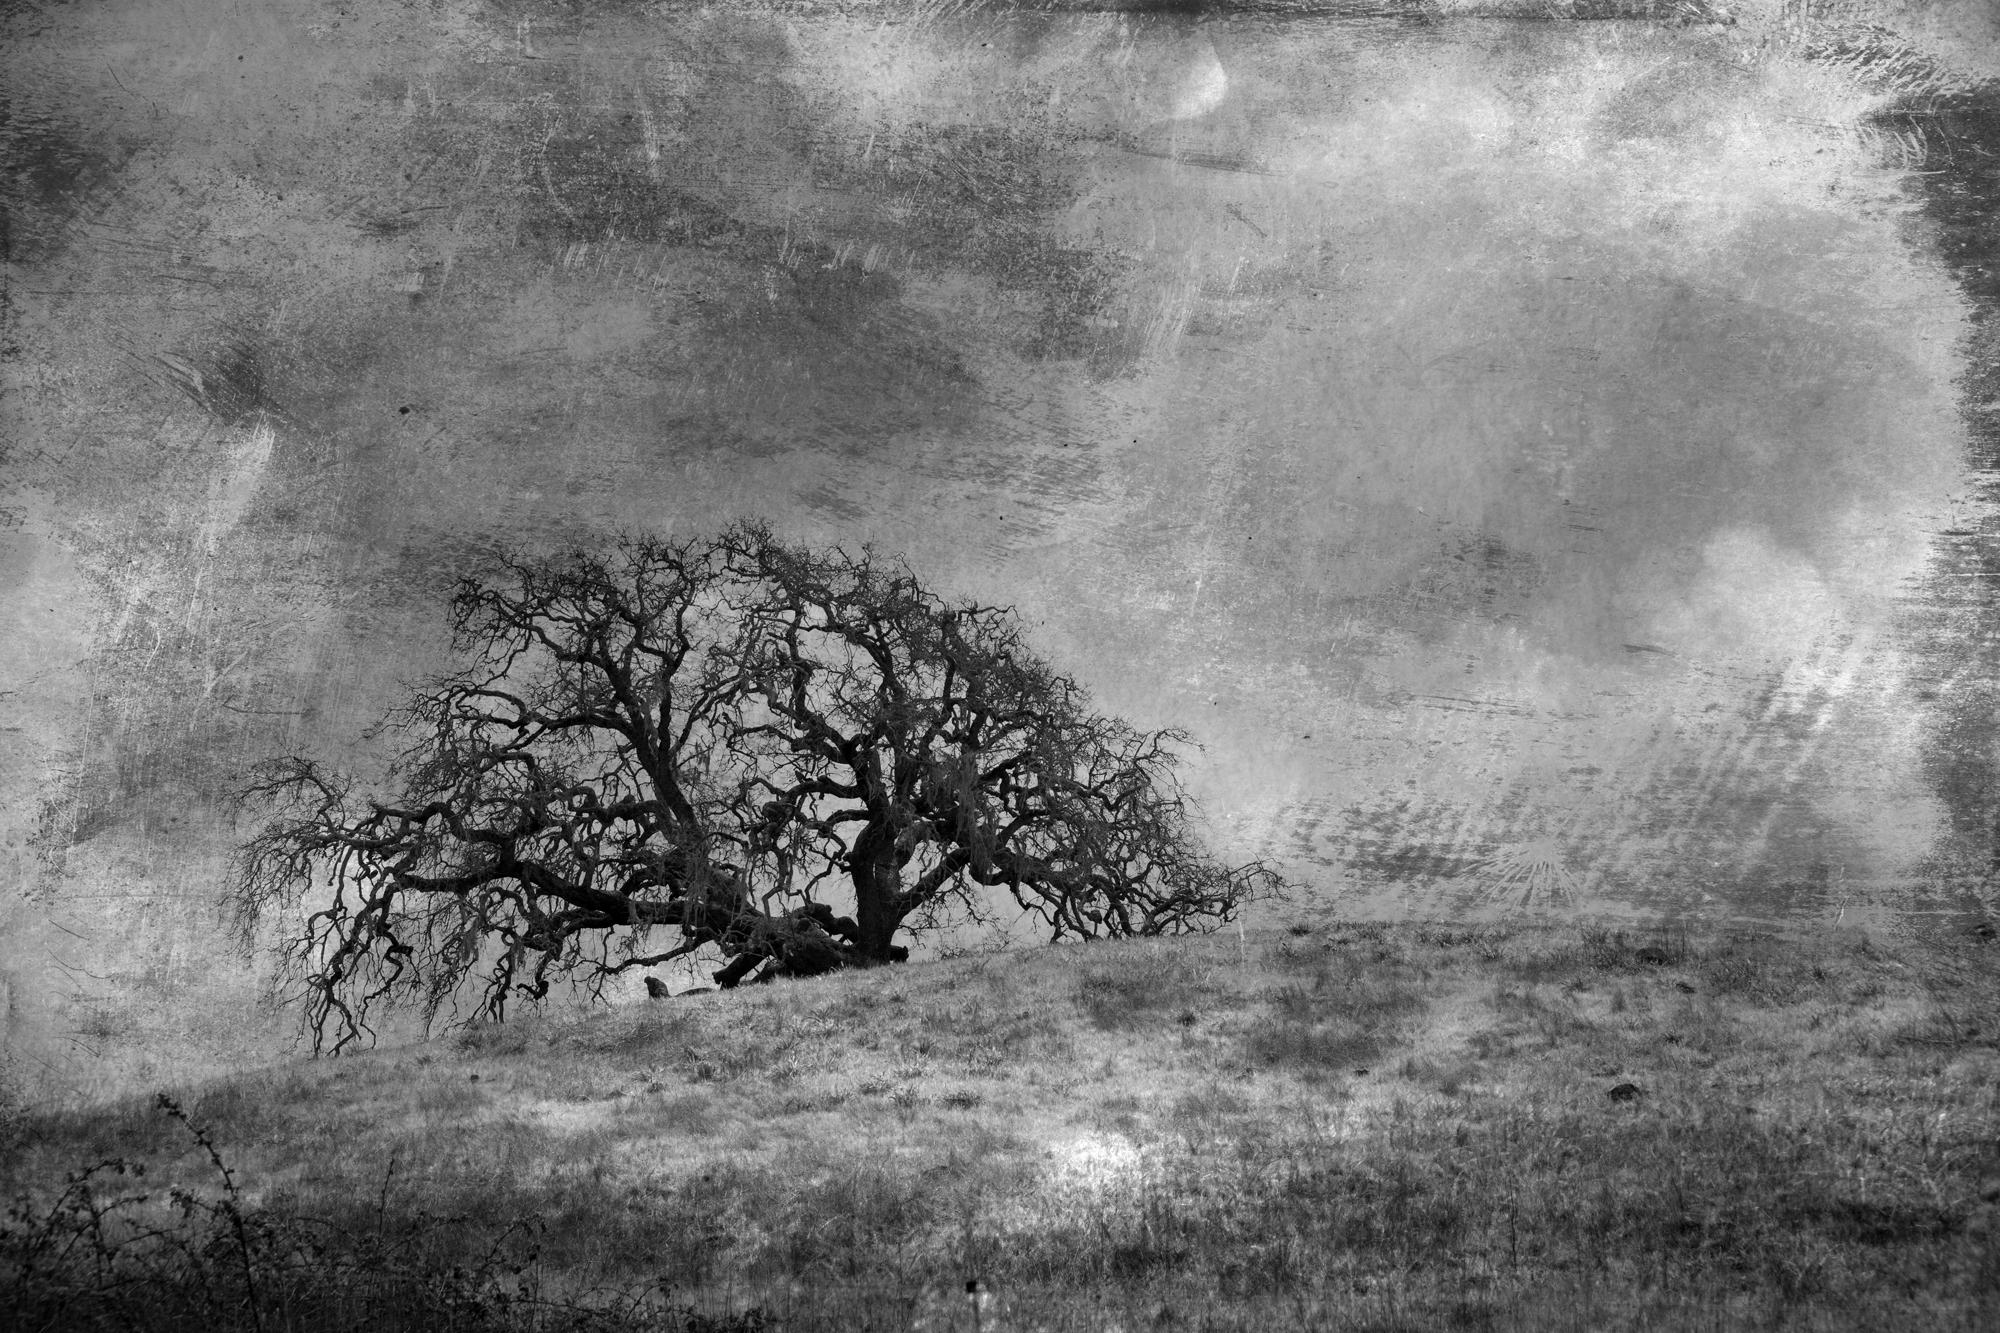 tree-canyoncreek